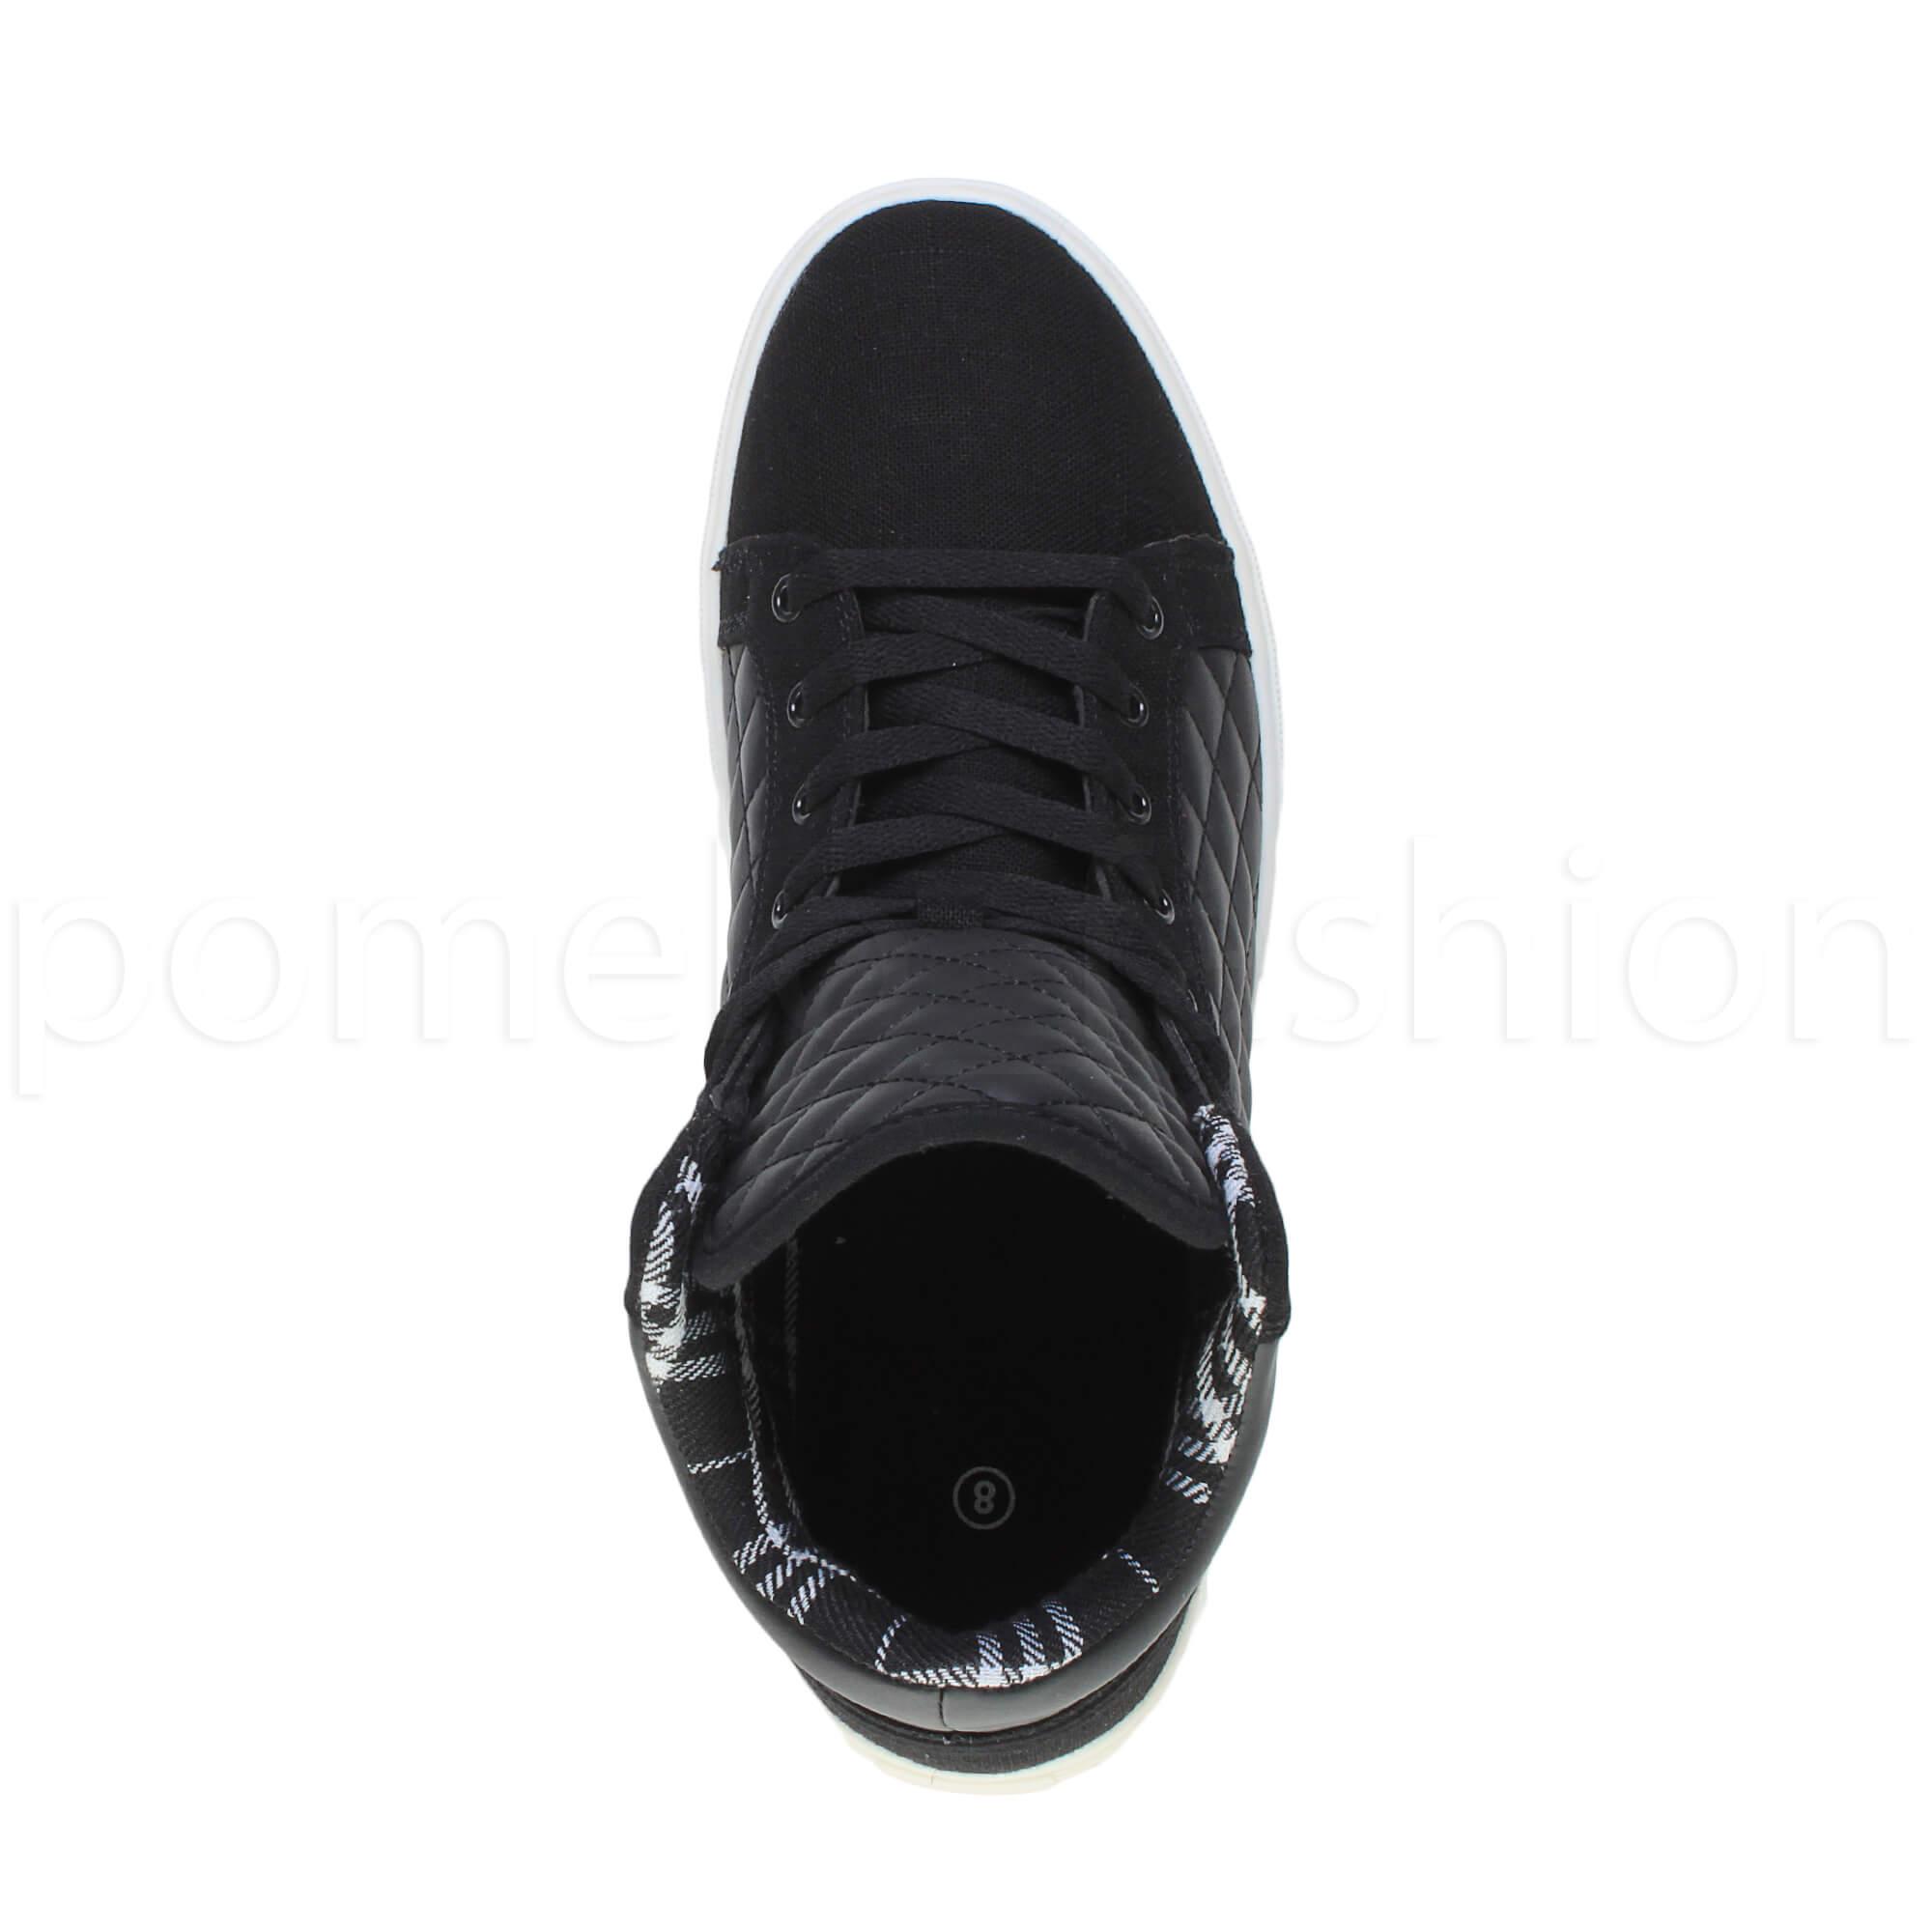 Homme Matelassé plates lacets hi high top bottes formateur Taille Cheville Baskets Taille formateur 02439b